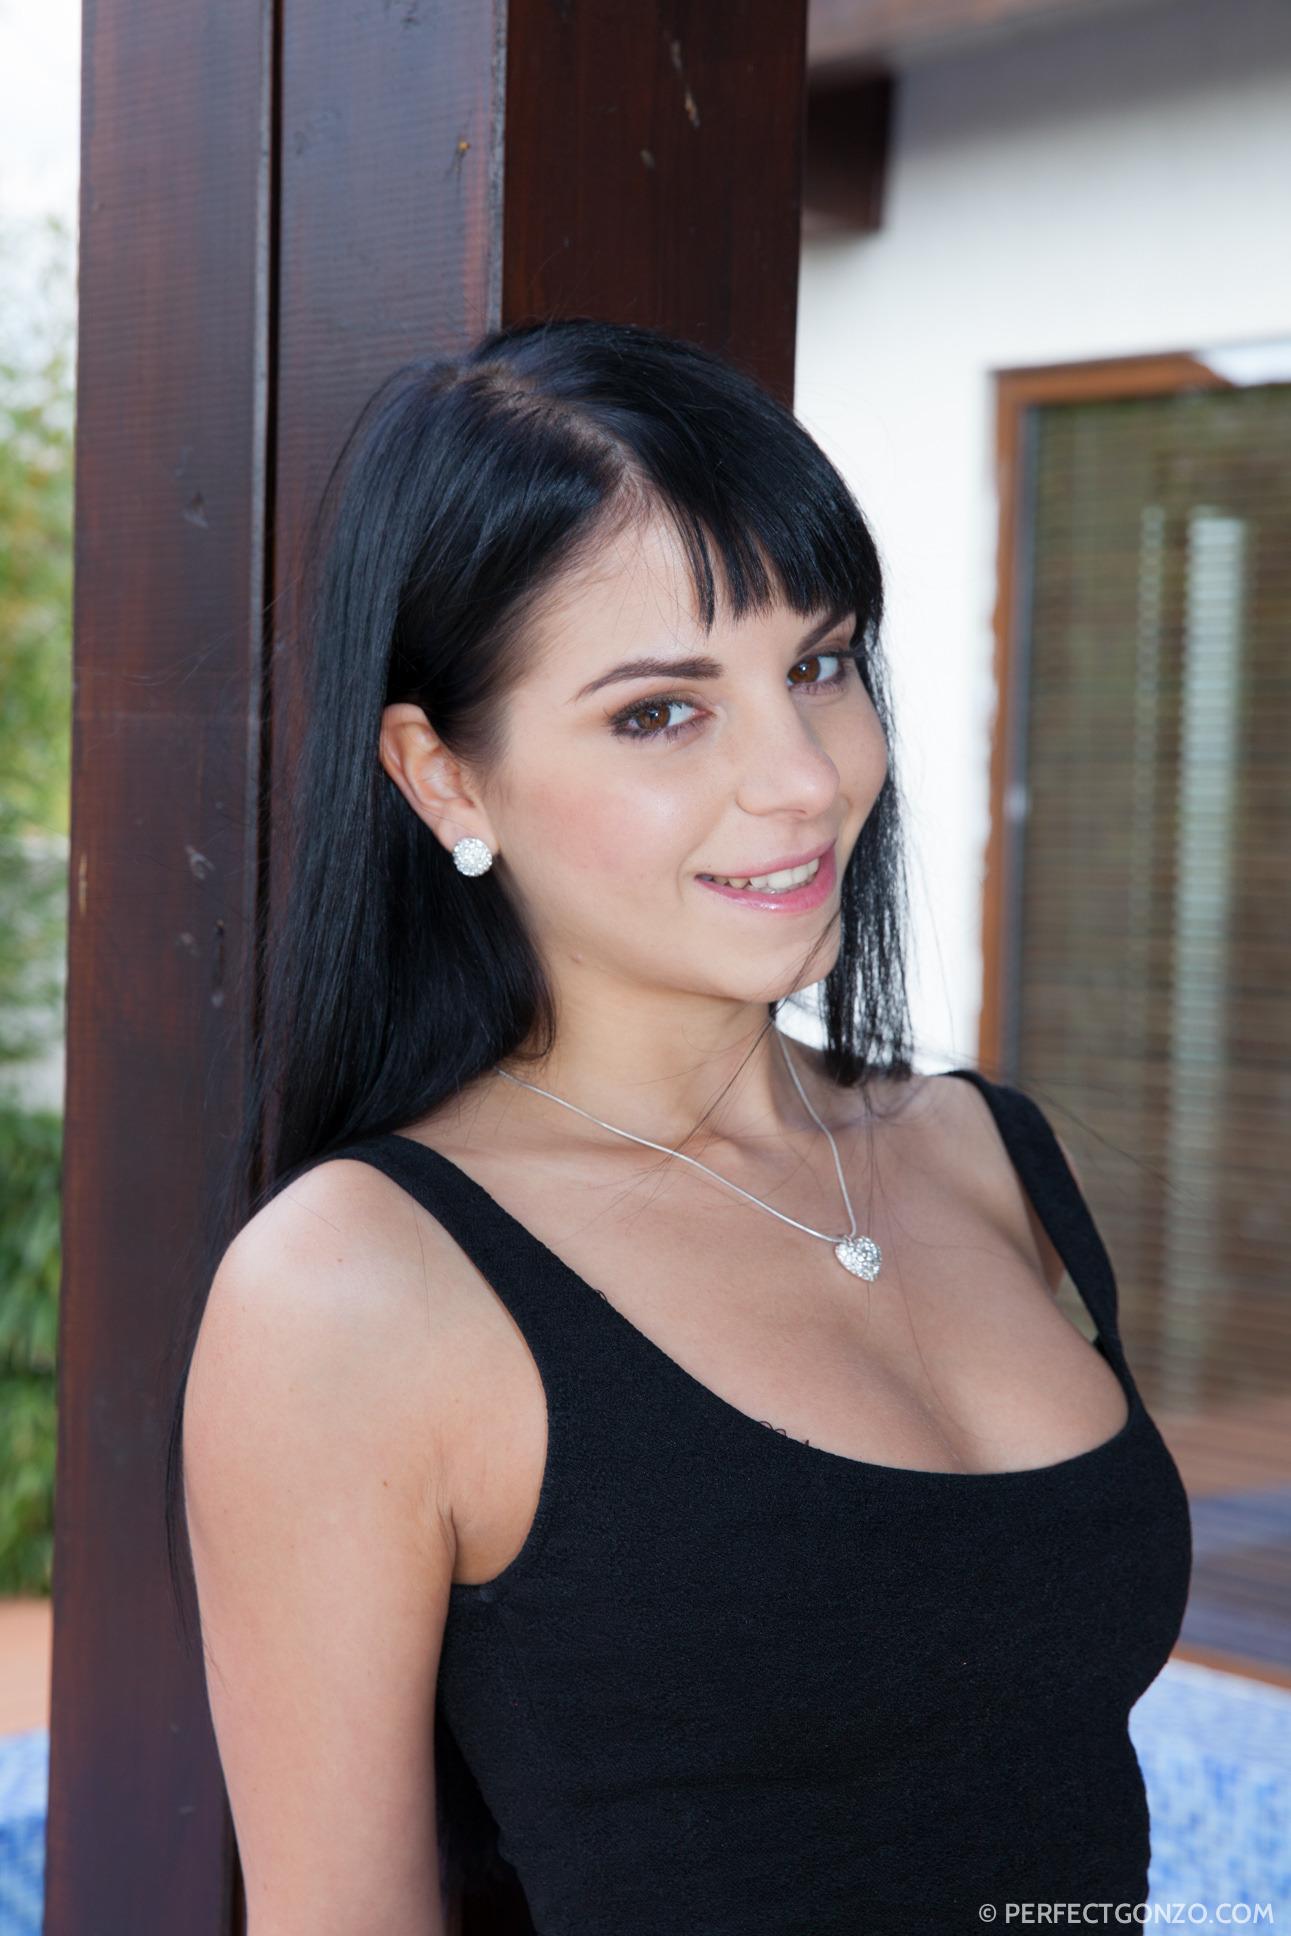 Allie Jordan